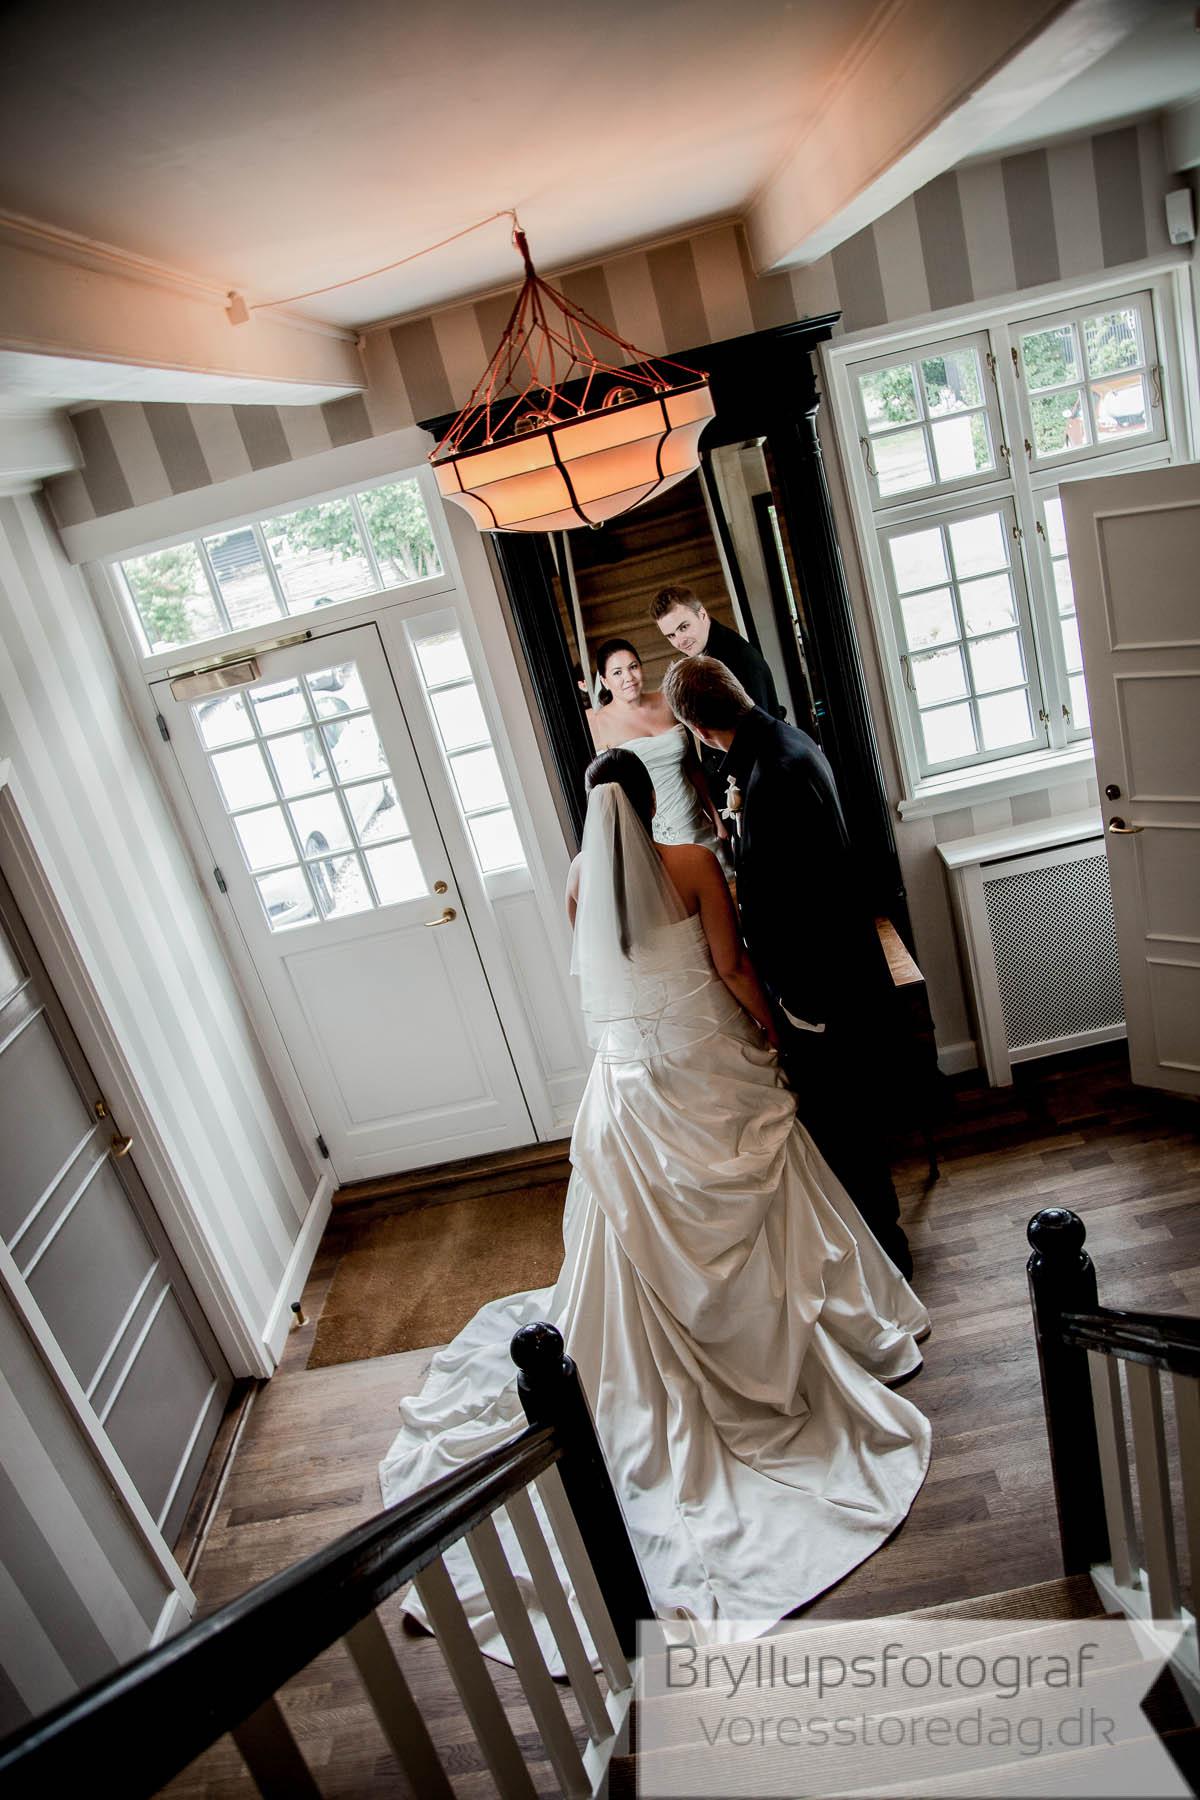 bryllupsfoto ved brudepar Helenekilde badehotel